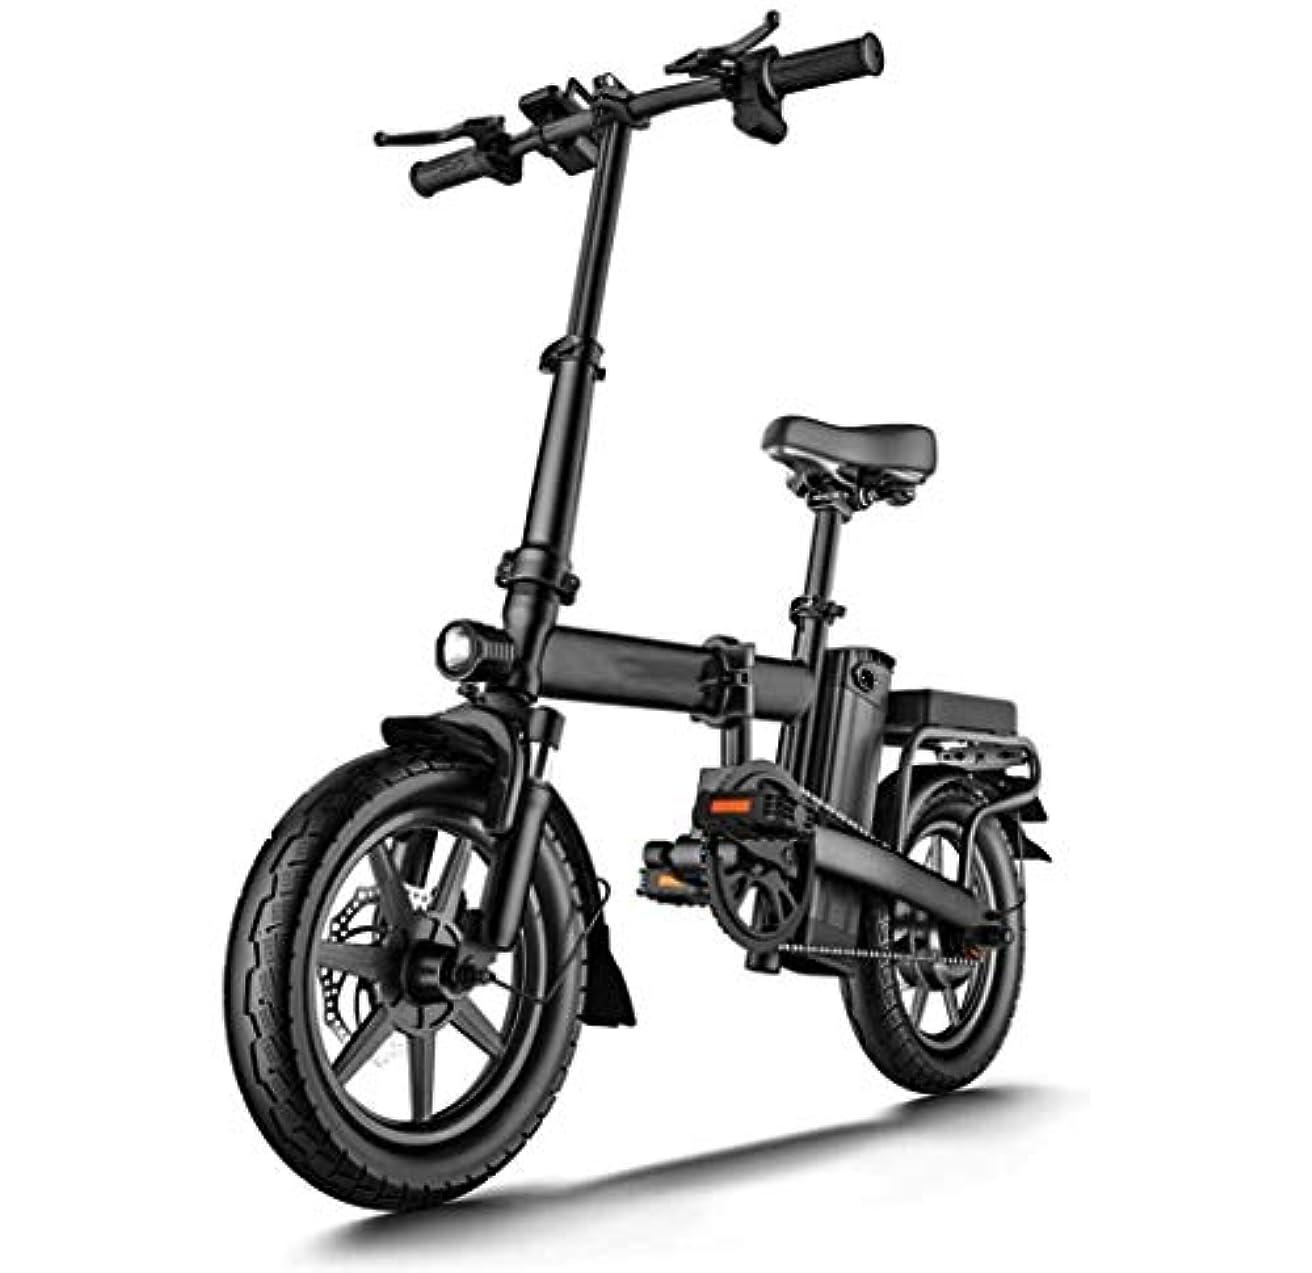 天井バング命題LCDバックライト付きインストゥルメントパネルの前面と背面ディスクブレーキ二重管衝撃吸収電動バイクと折りたたみ電動自転車、